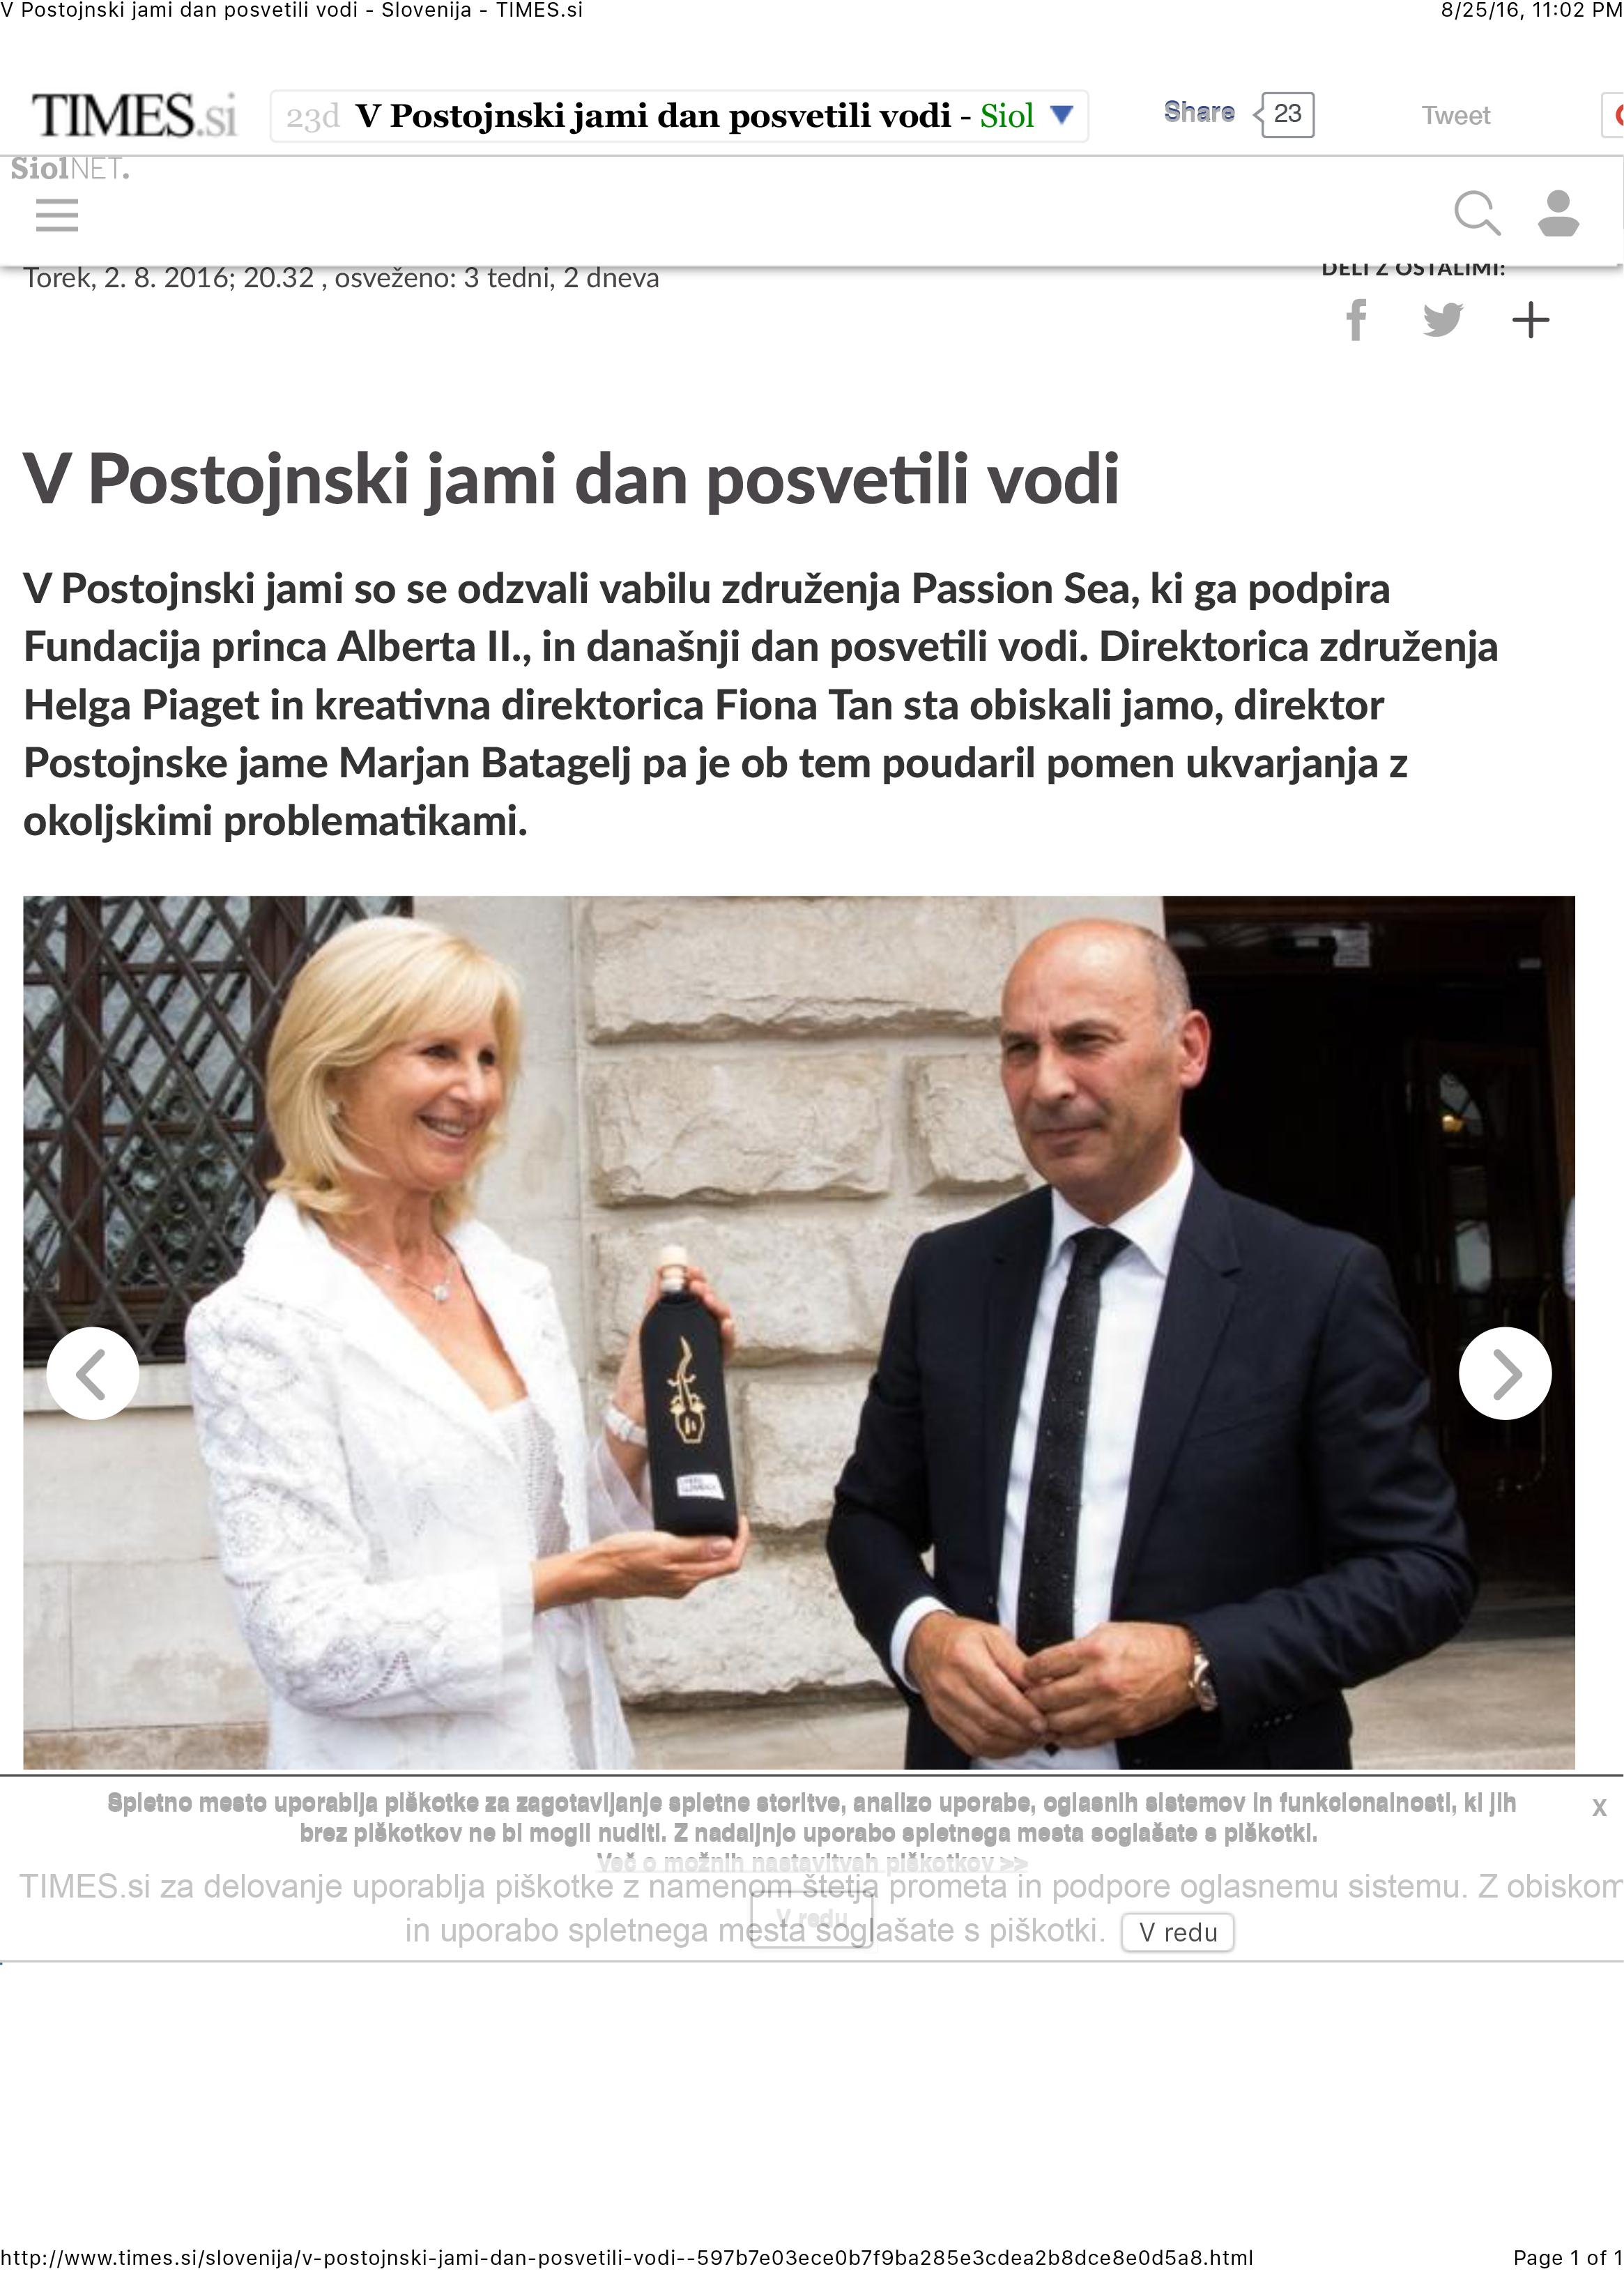 Times Slovenia